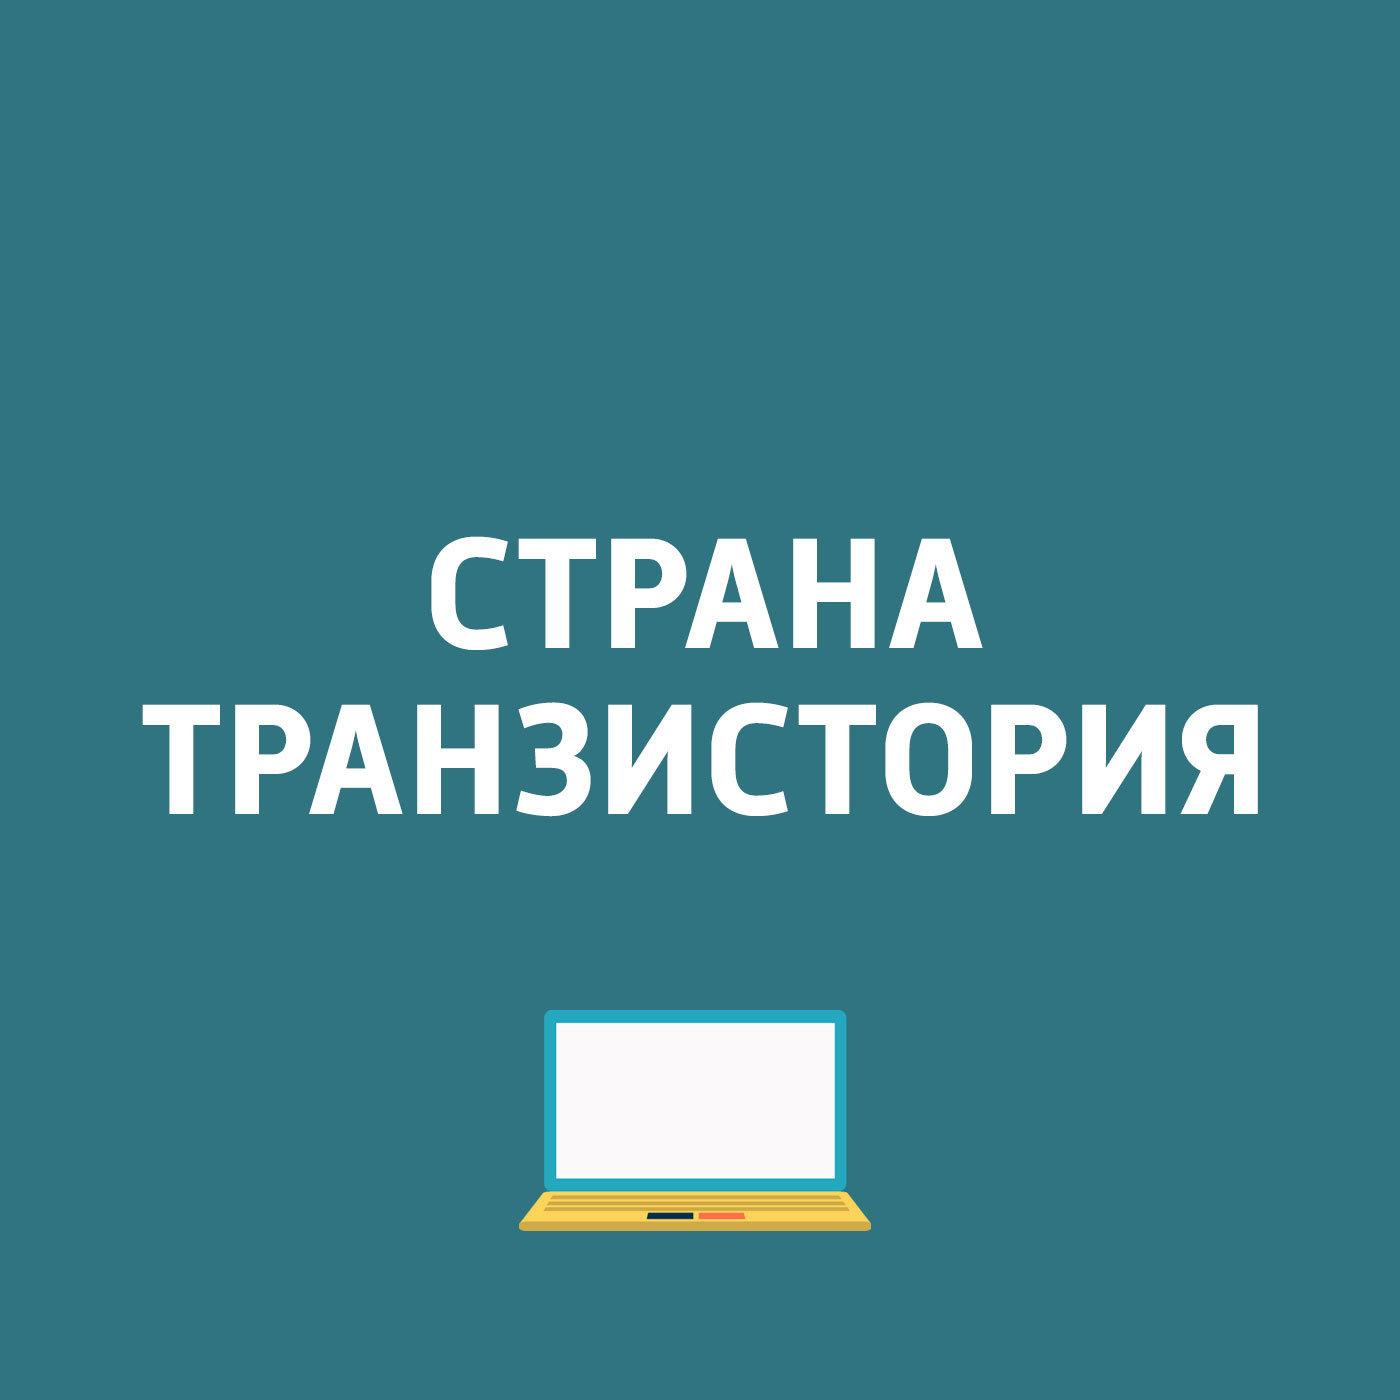 Картаев Павел Nokia 3310; «Яндекс» обновил «Парковки»; Syberia III смартфон